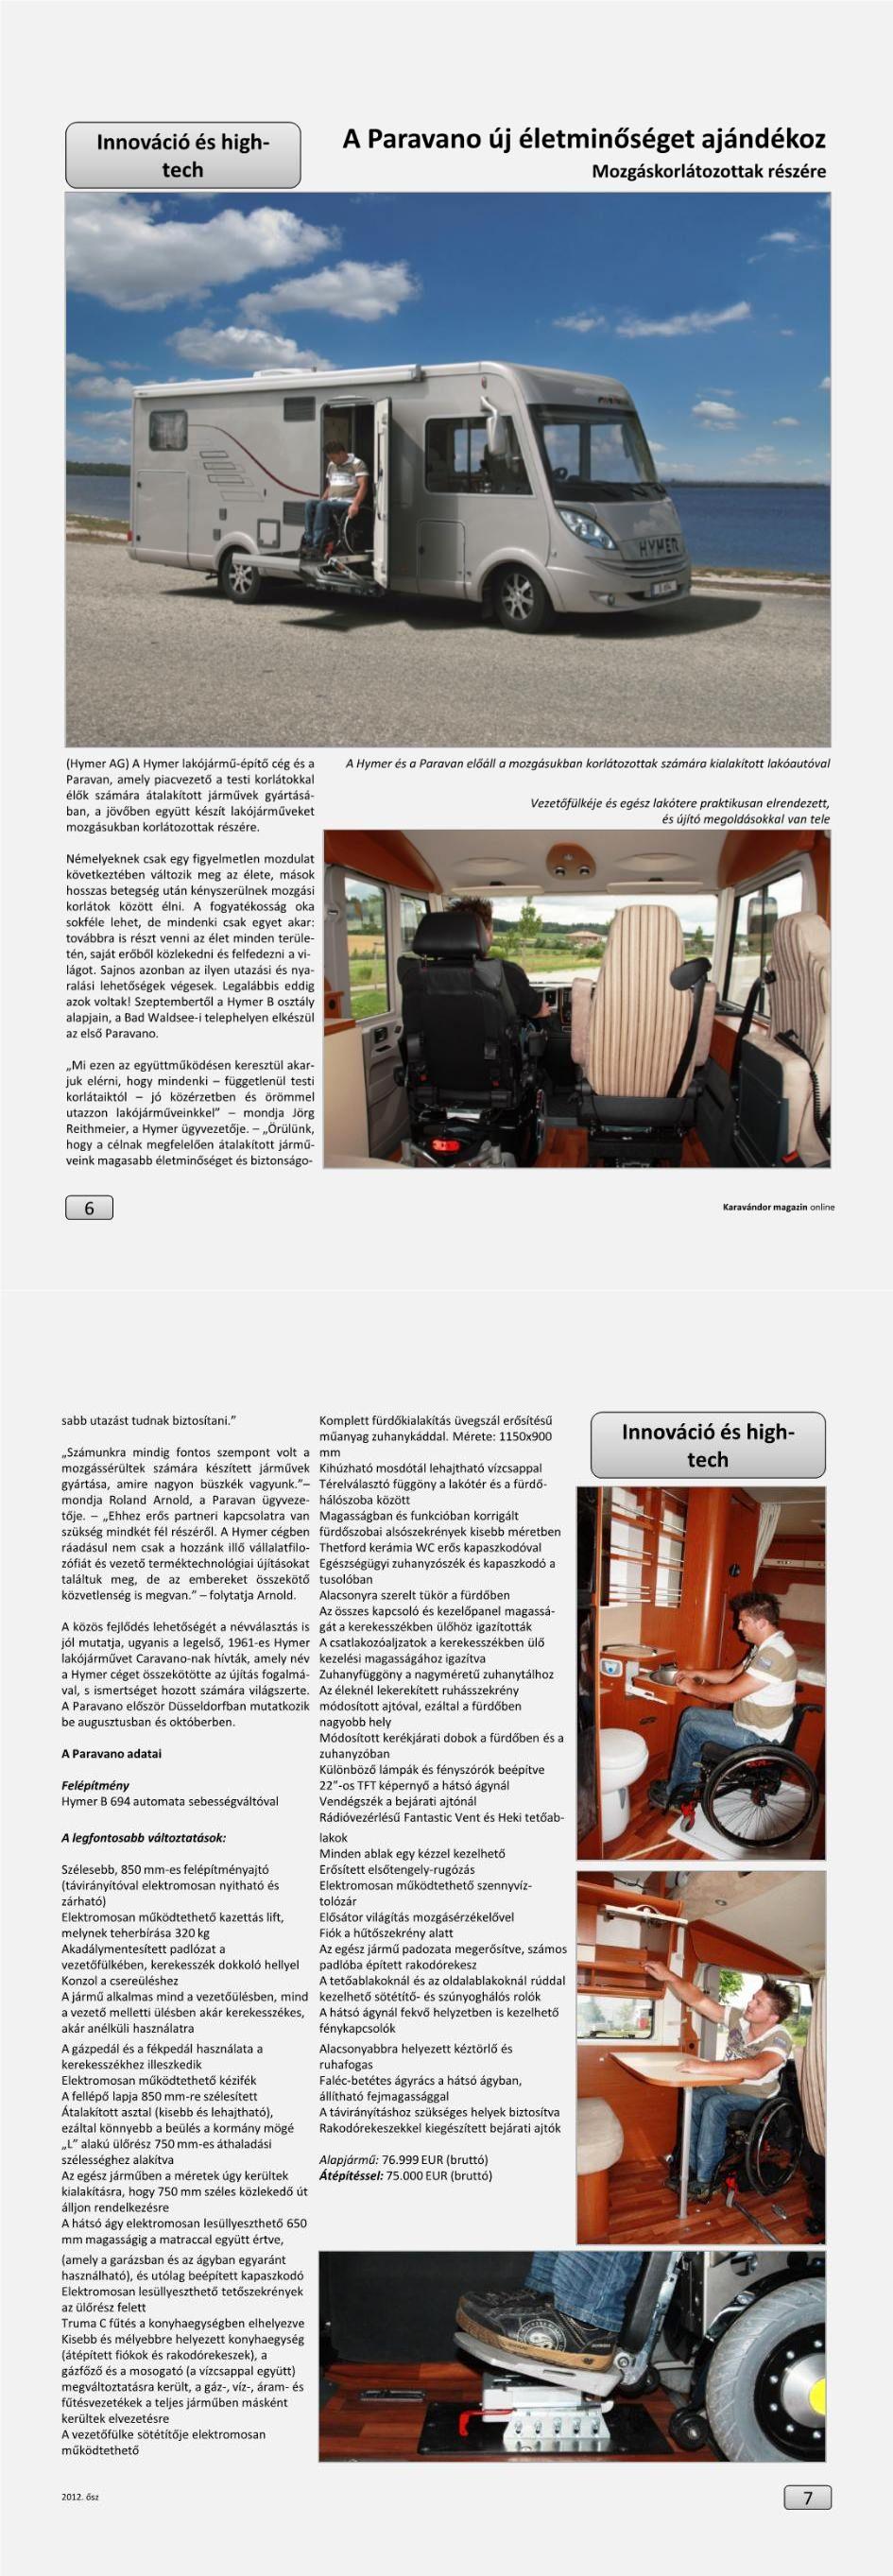 Innováció + High-Tech - Paravano mozgáskorlátozottak részére